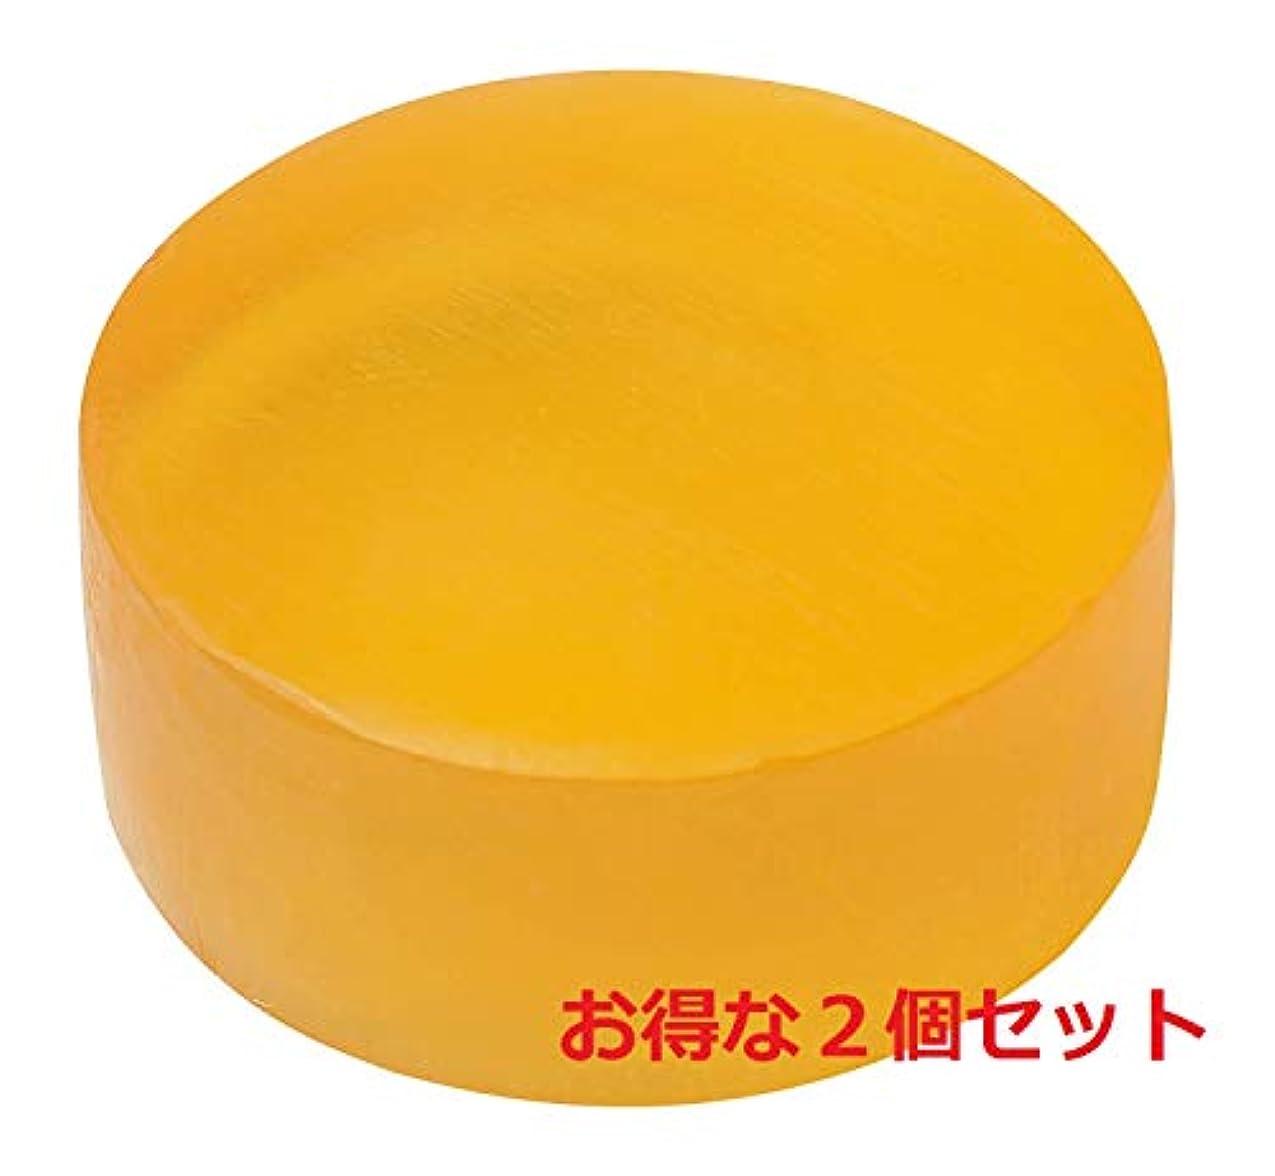 他のバンドで病な落ち込んでいるプラスリストア クレンジングソープ 熟成 洗顔石鹸 メイク落とし 2個セット